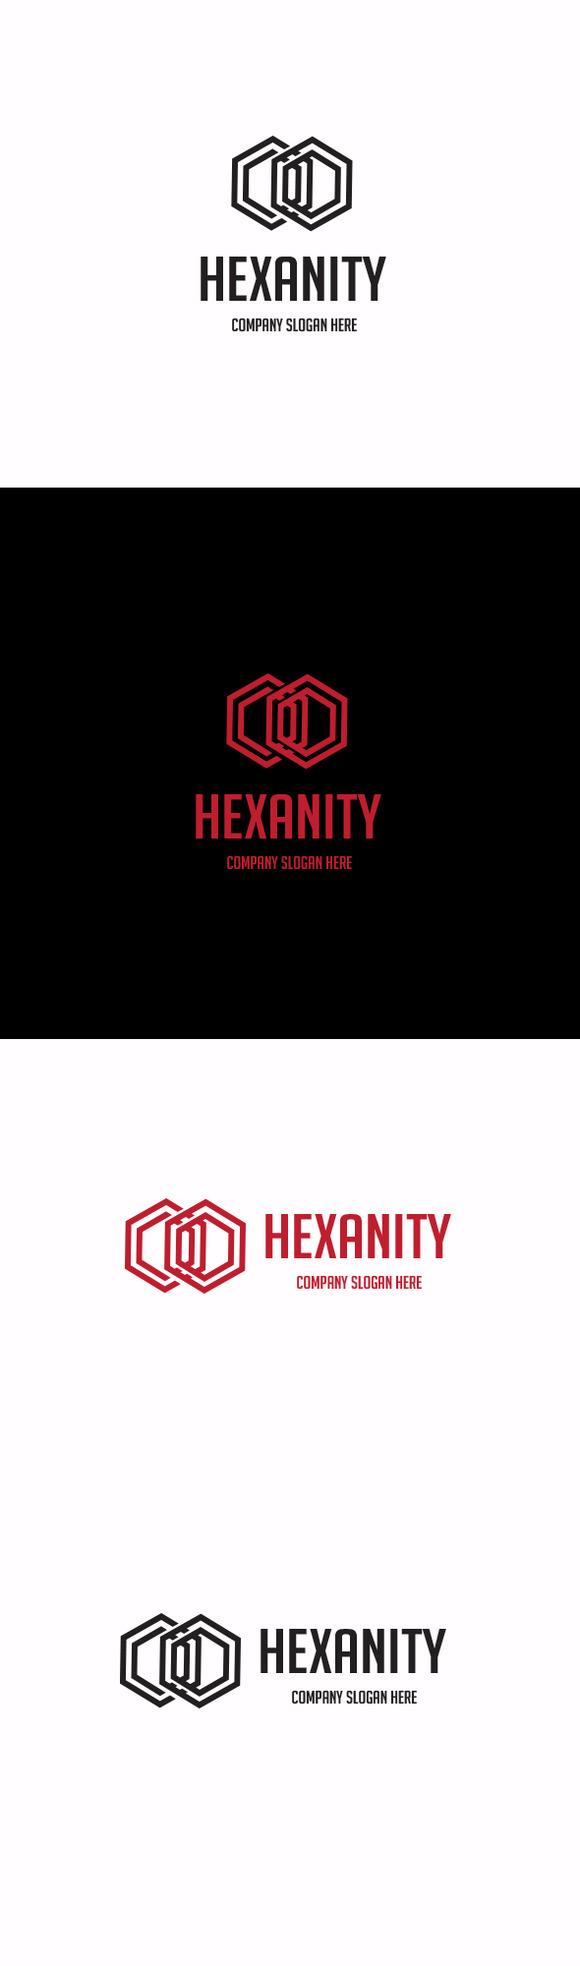 Hexanity Logo